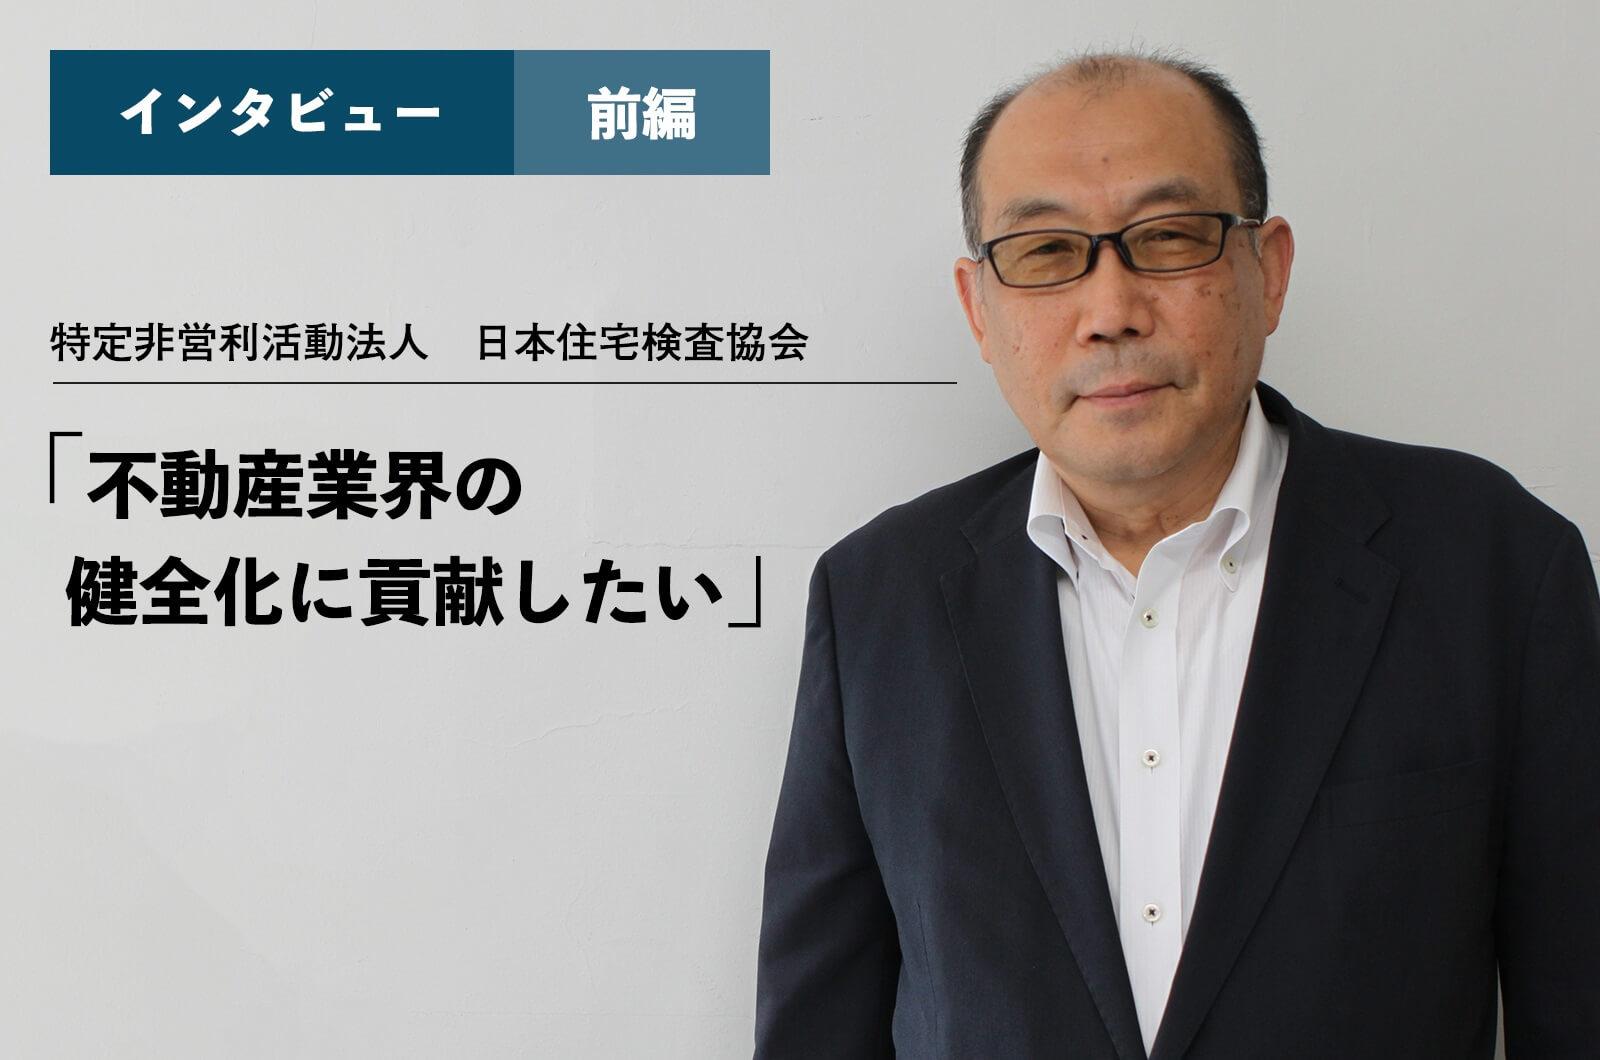 「サブリースもシェアハウスも、問題の根本は業界の構造にある」日本住宅性能検査協会/代表インタビュー(前編)